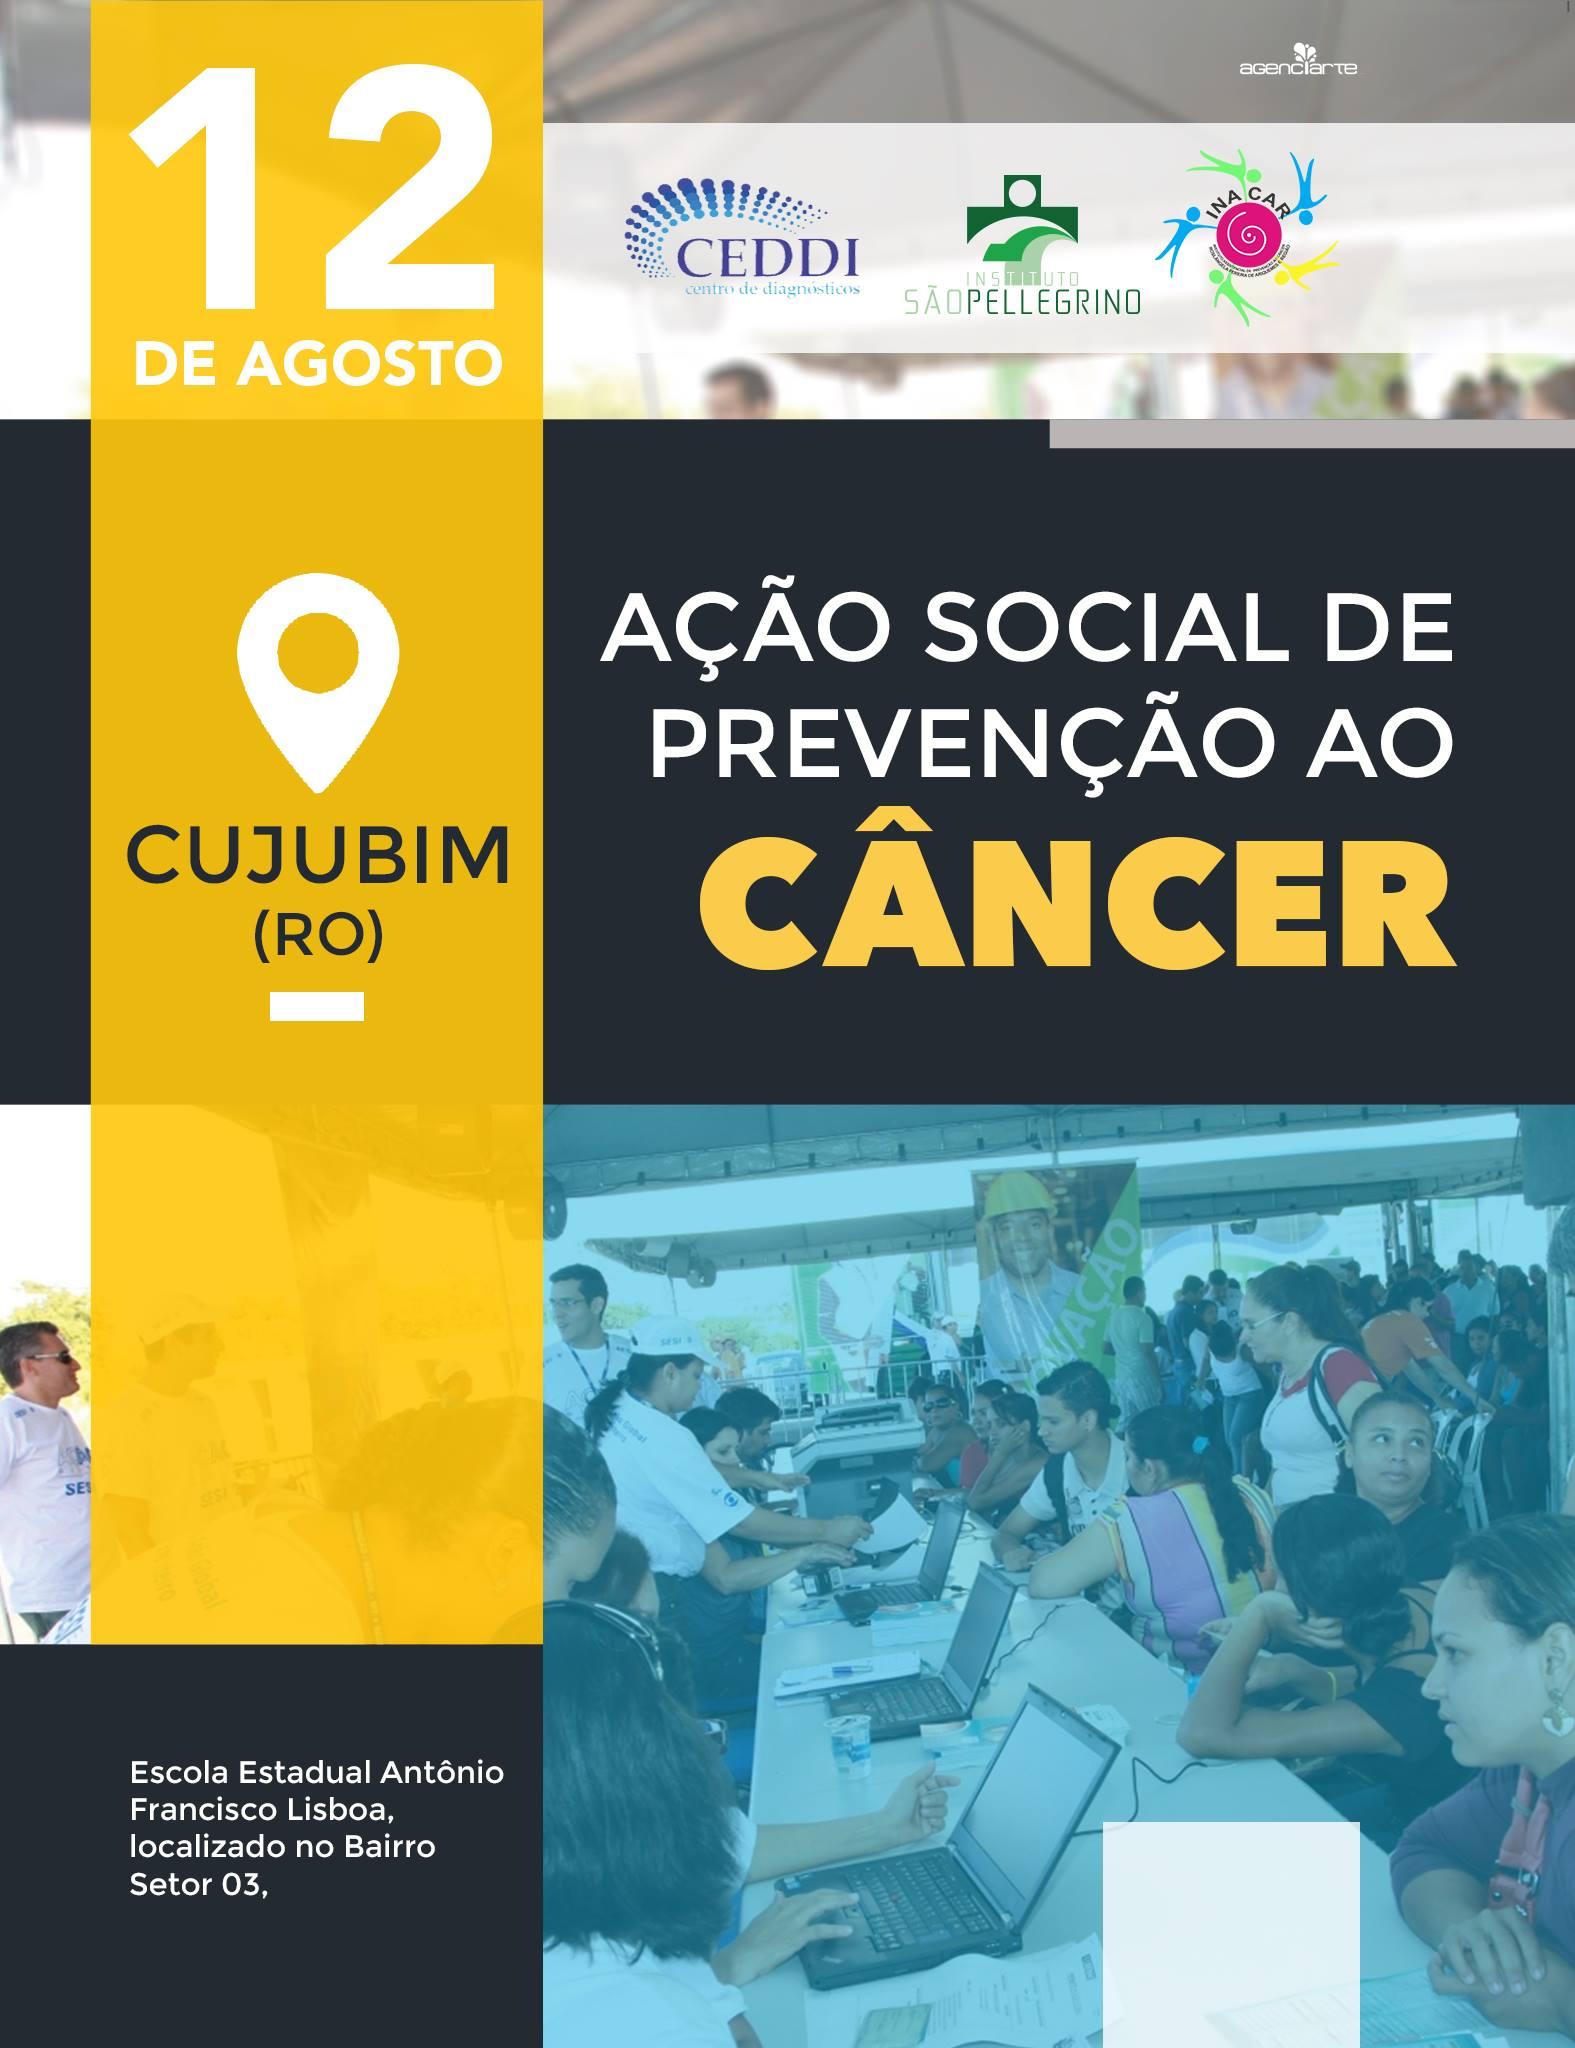 CUJUBIM RECEBE AÇÃO SOCIAL DE PREVENÇÃO AO CÂNCER